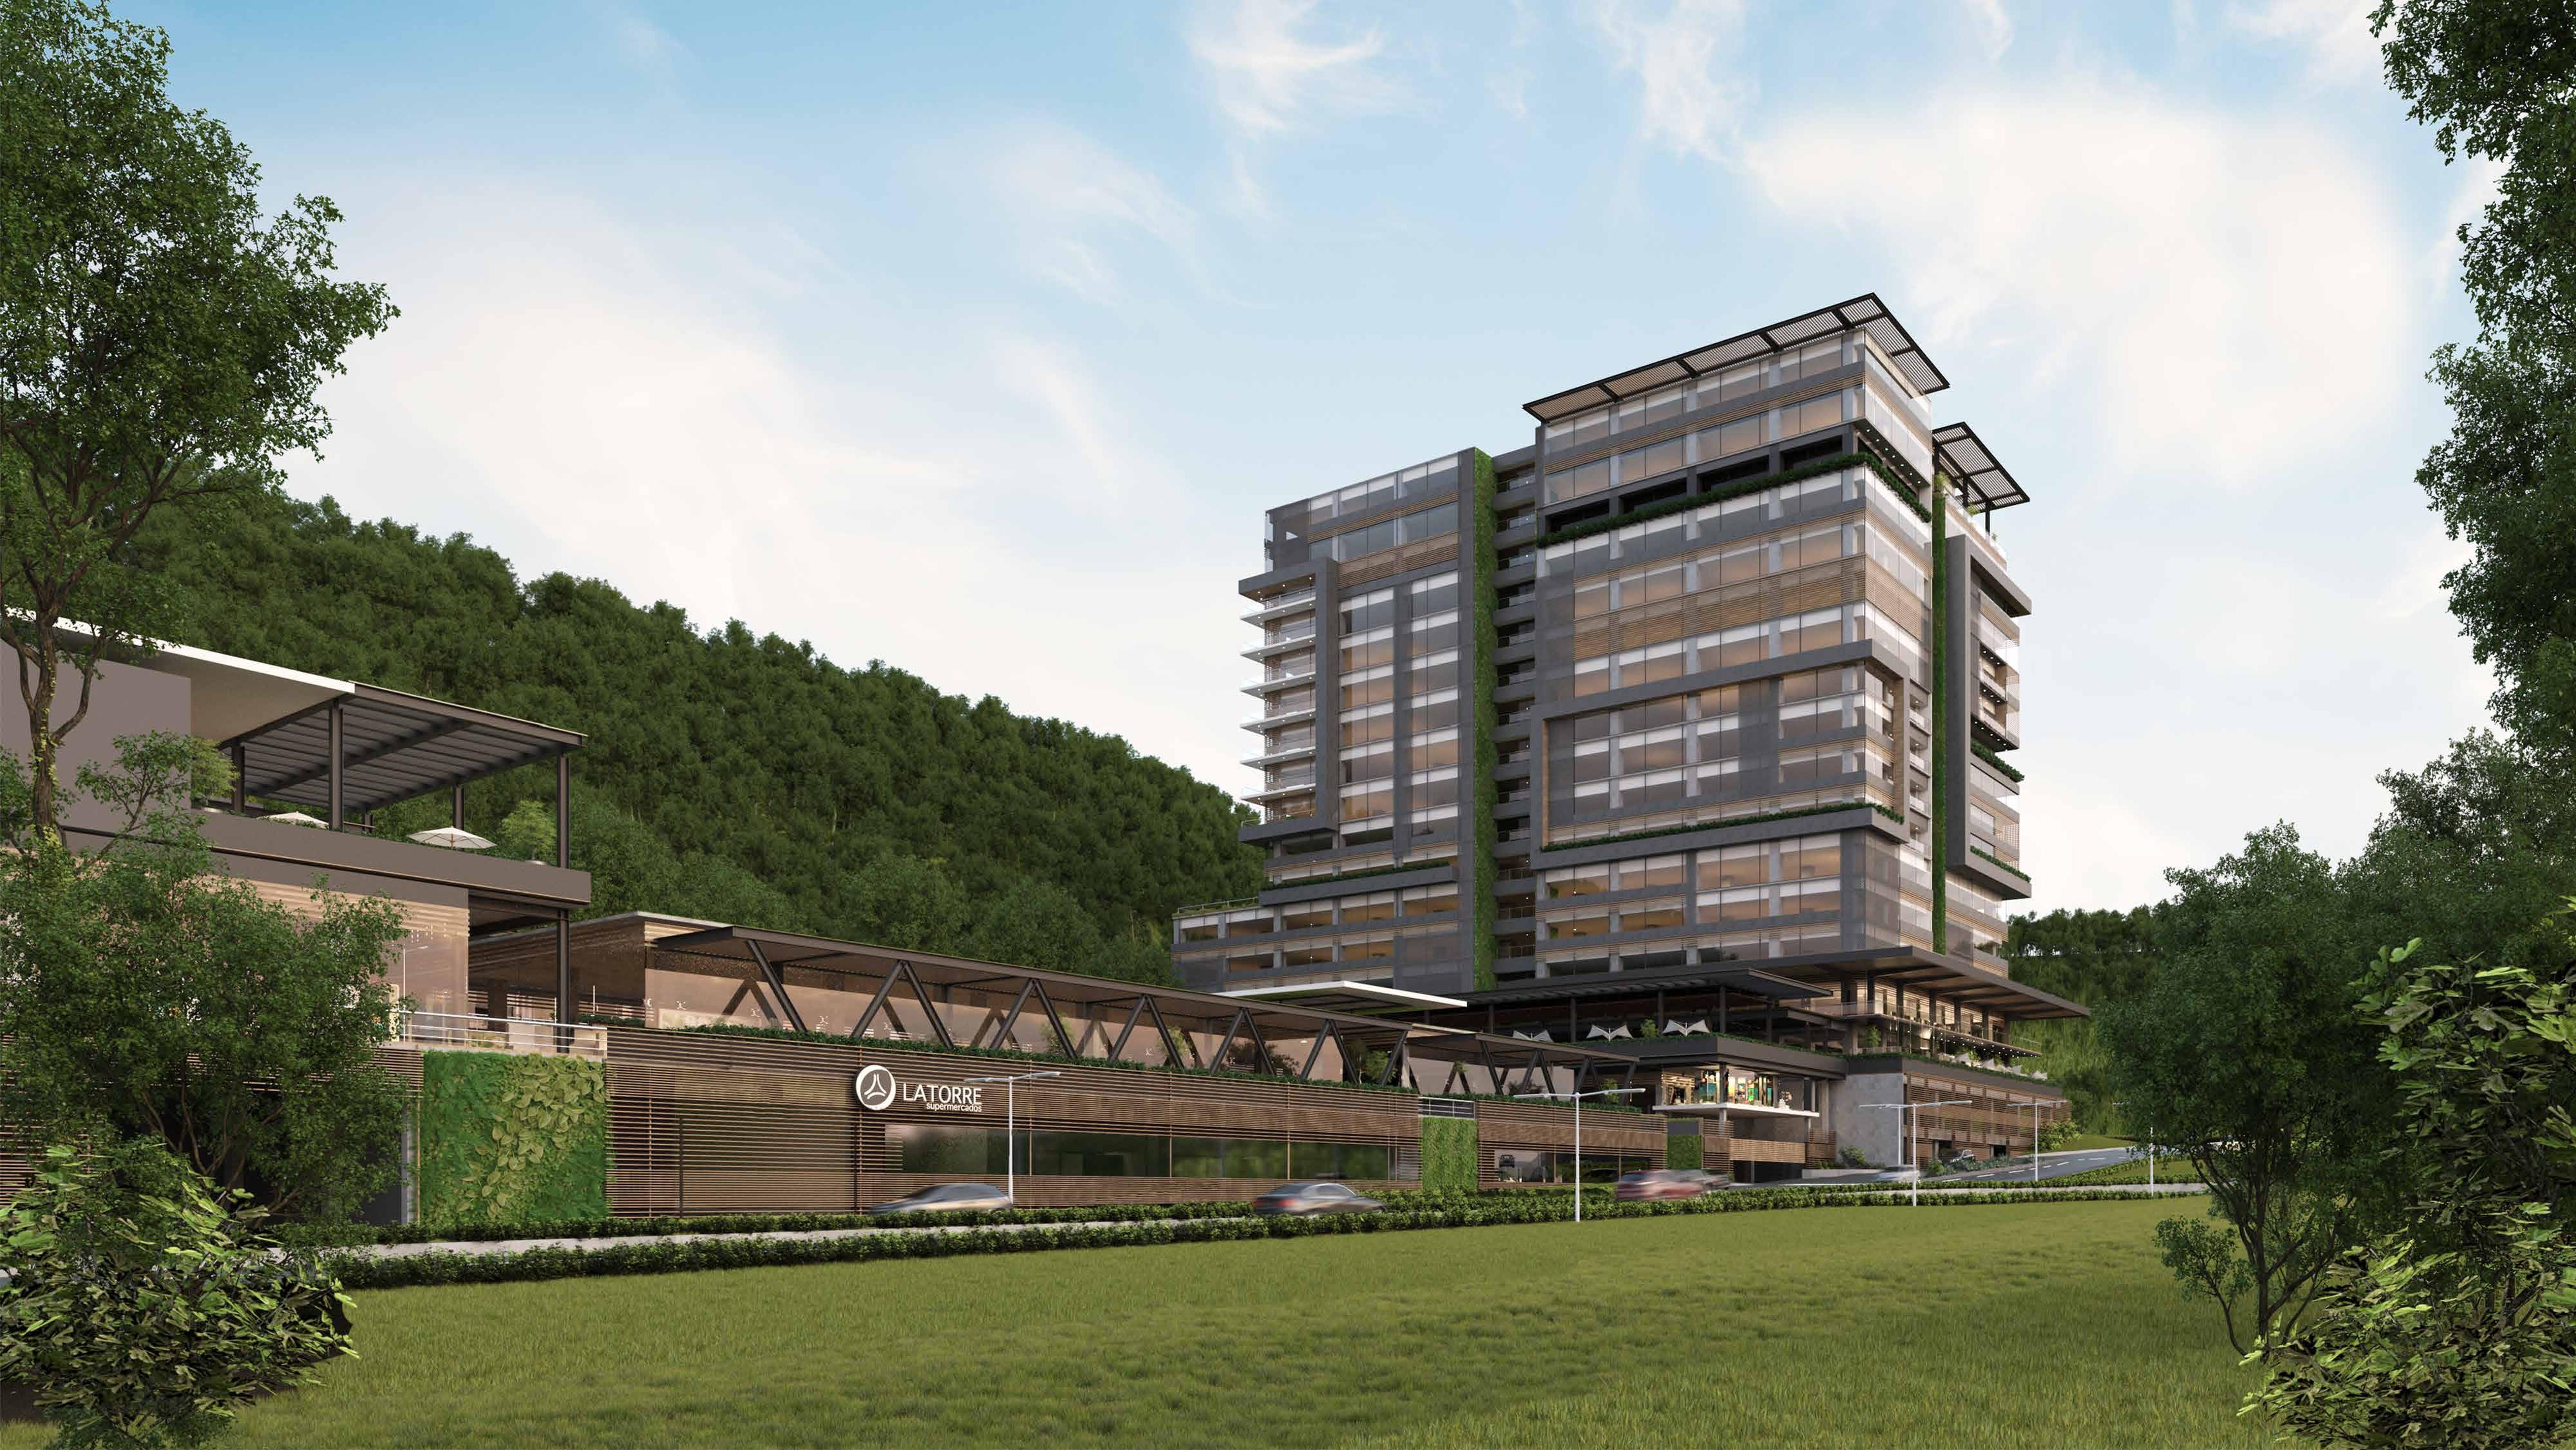 Spazio, Comunidad Corporativa y Lifestyle Center en zona 16